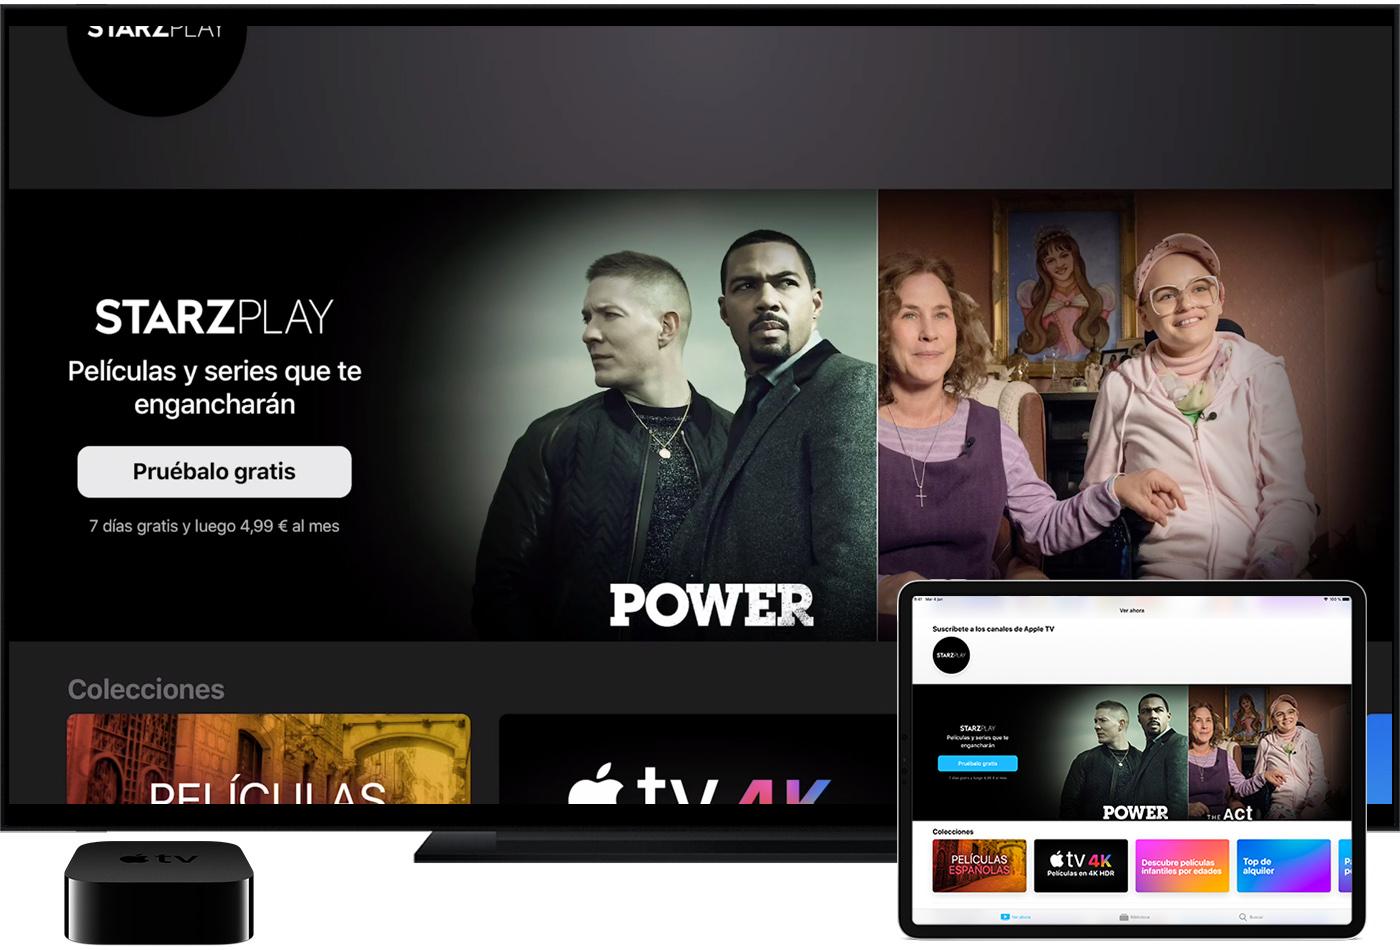 0ce477fa61a Busca un canal en la app Apple TV para ver películas, series y otro  contenido que puedas ver con una suscripción. El precio varía por canal.